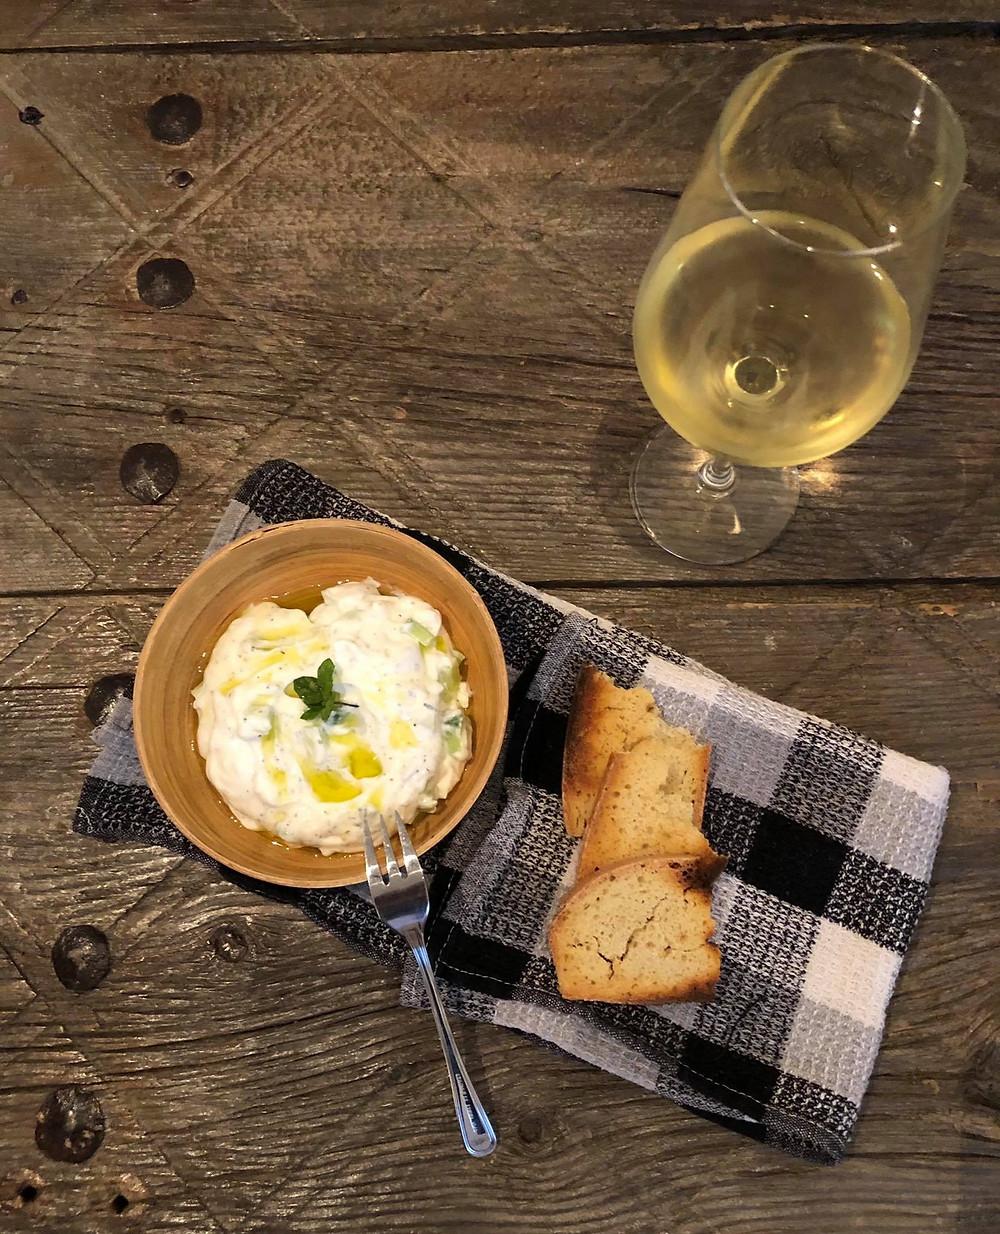 Ταλαττούρι από πρόβειο παραδοσιακό γιαούρτι, προζυμένιο σπιτικό ψωμί και λευκό κρασι από την γηγενή ποικιλία Ξυνιστέρι